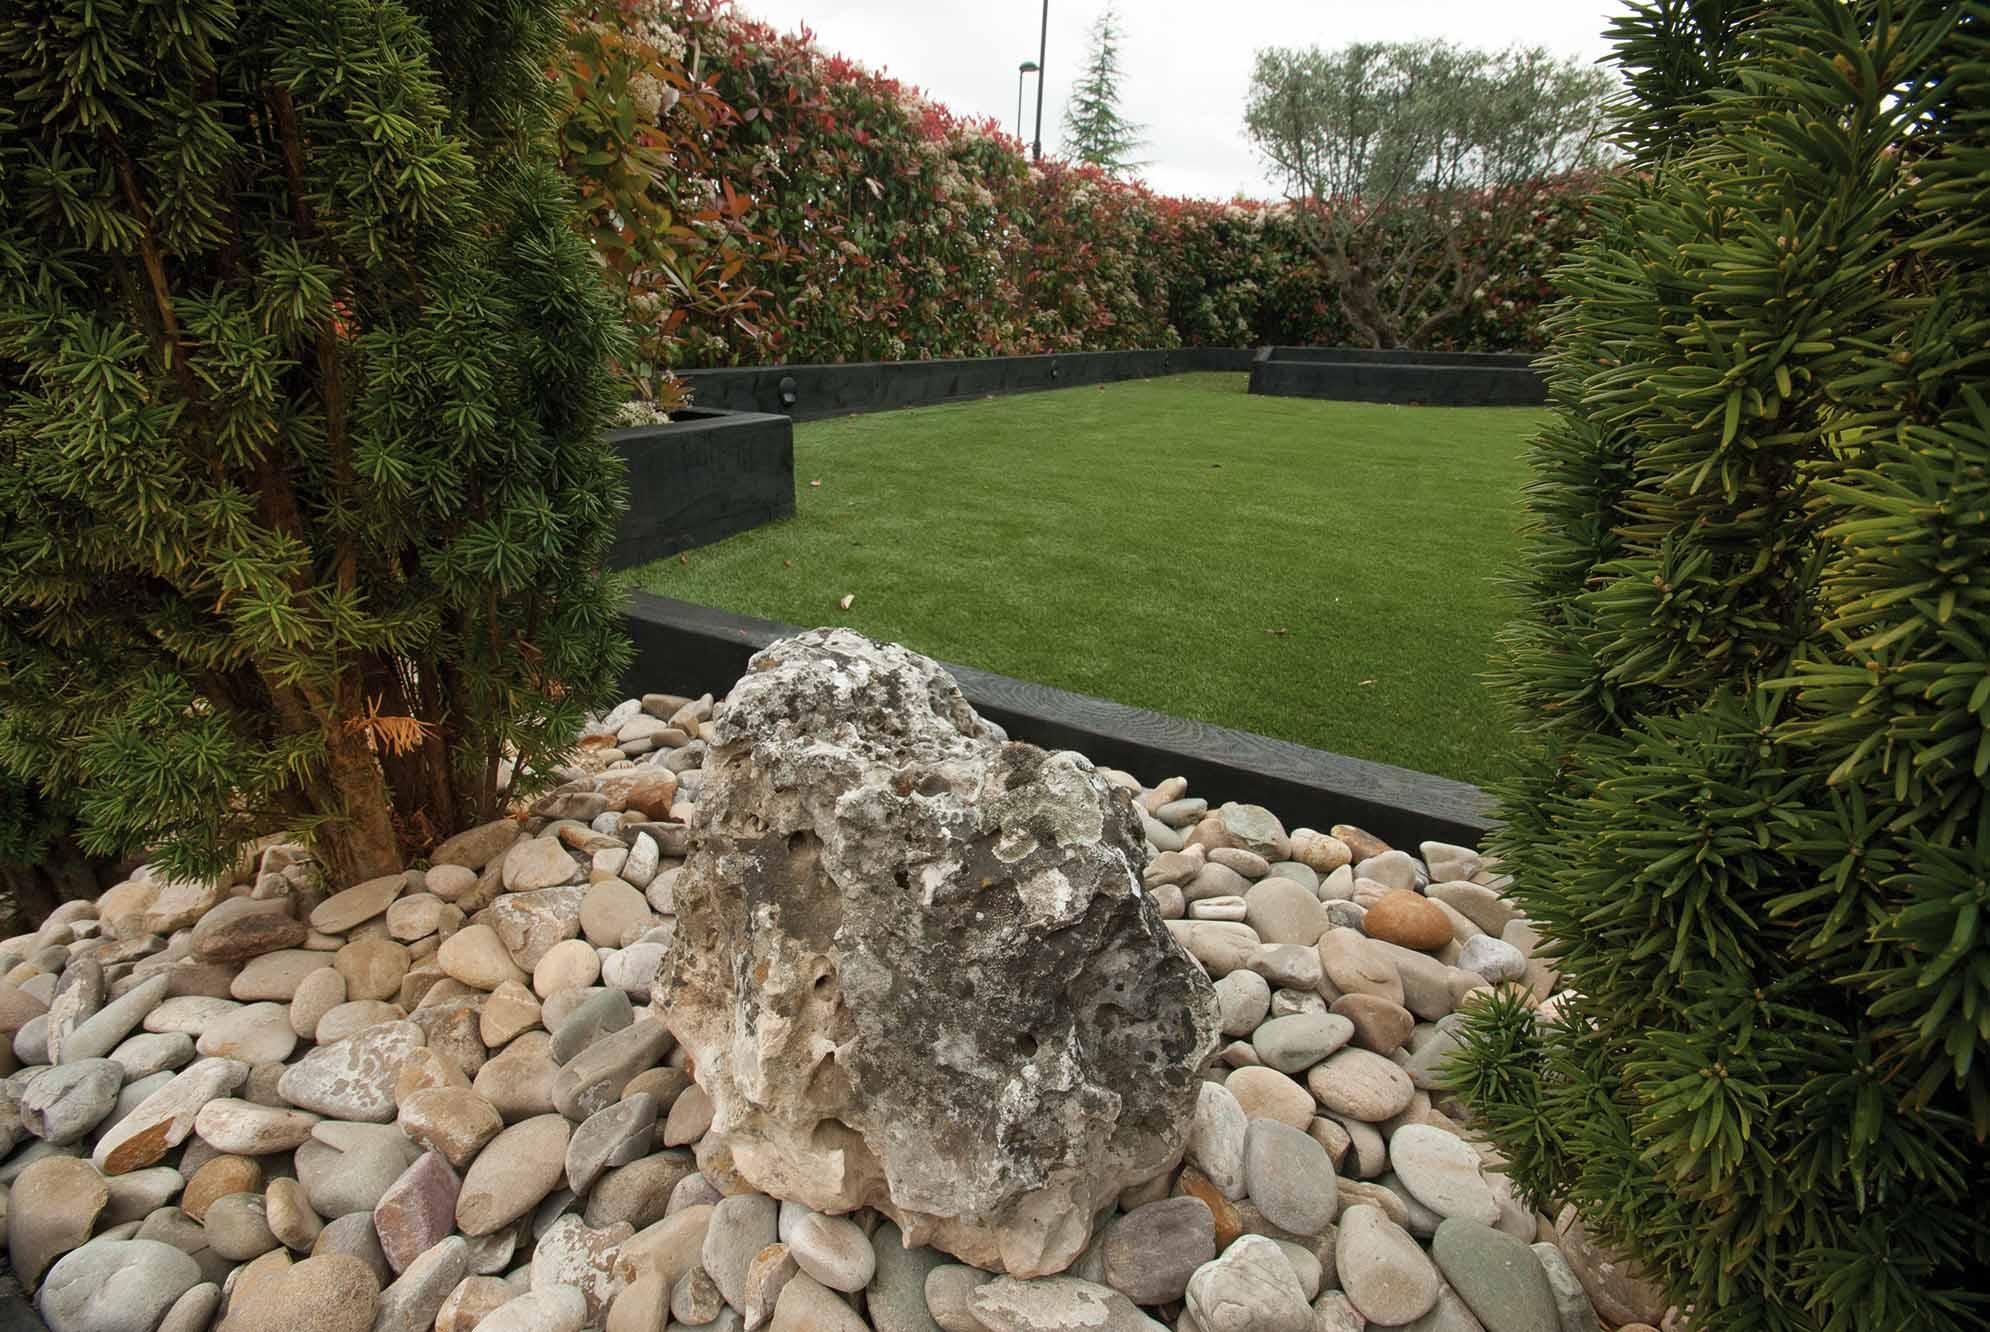 jardin-cesped-artificial-traviesas-aridos4